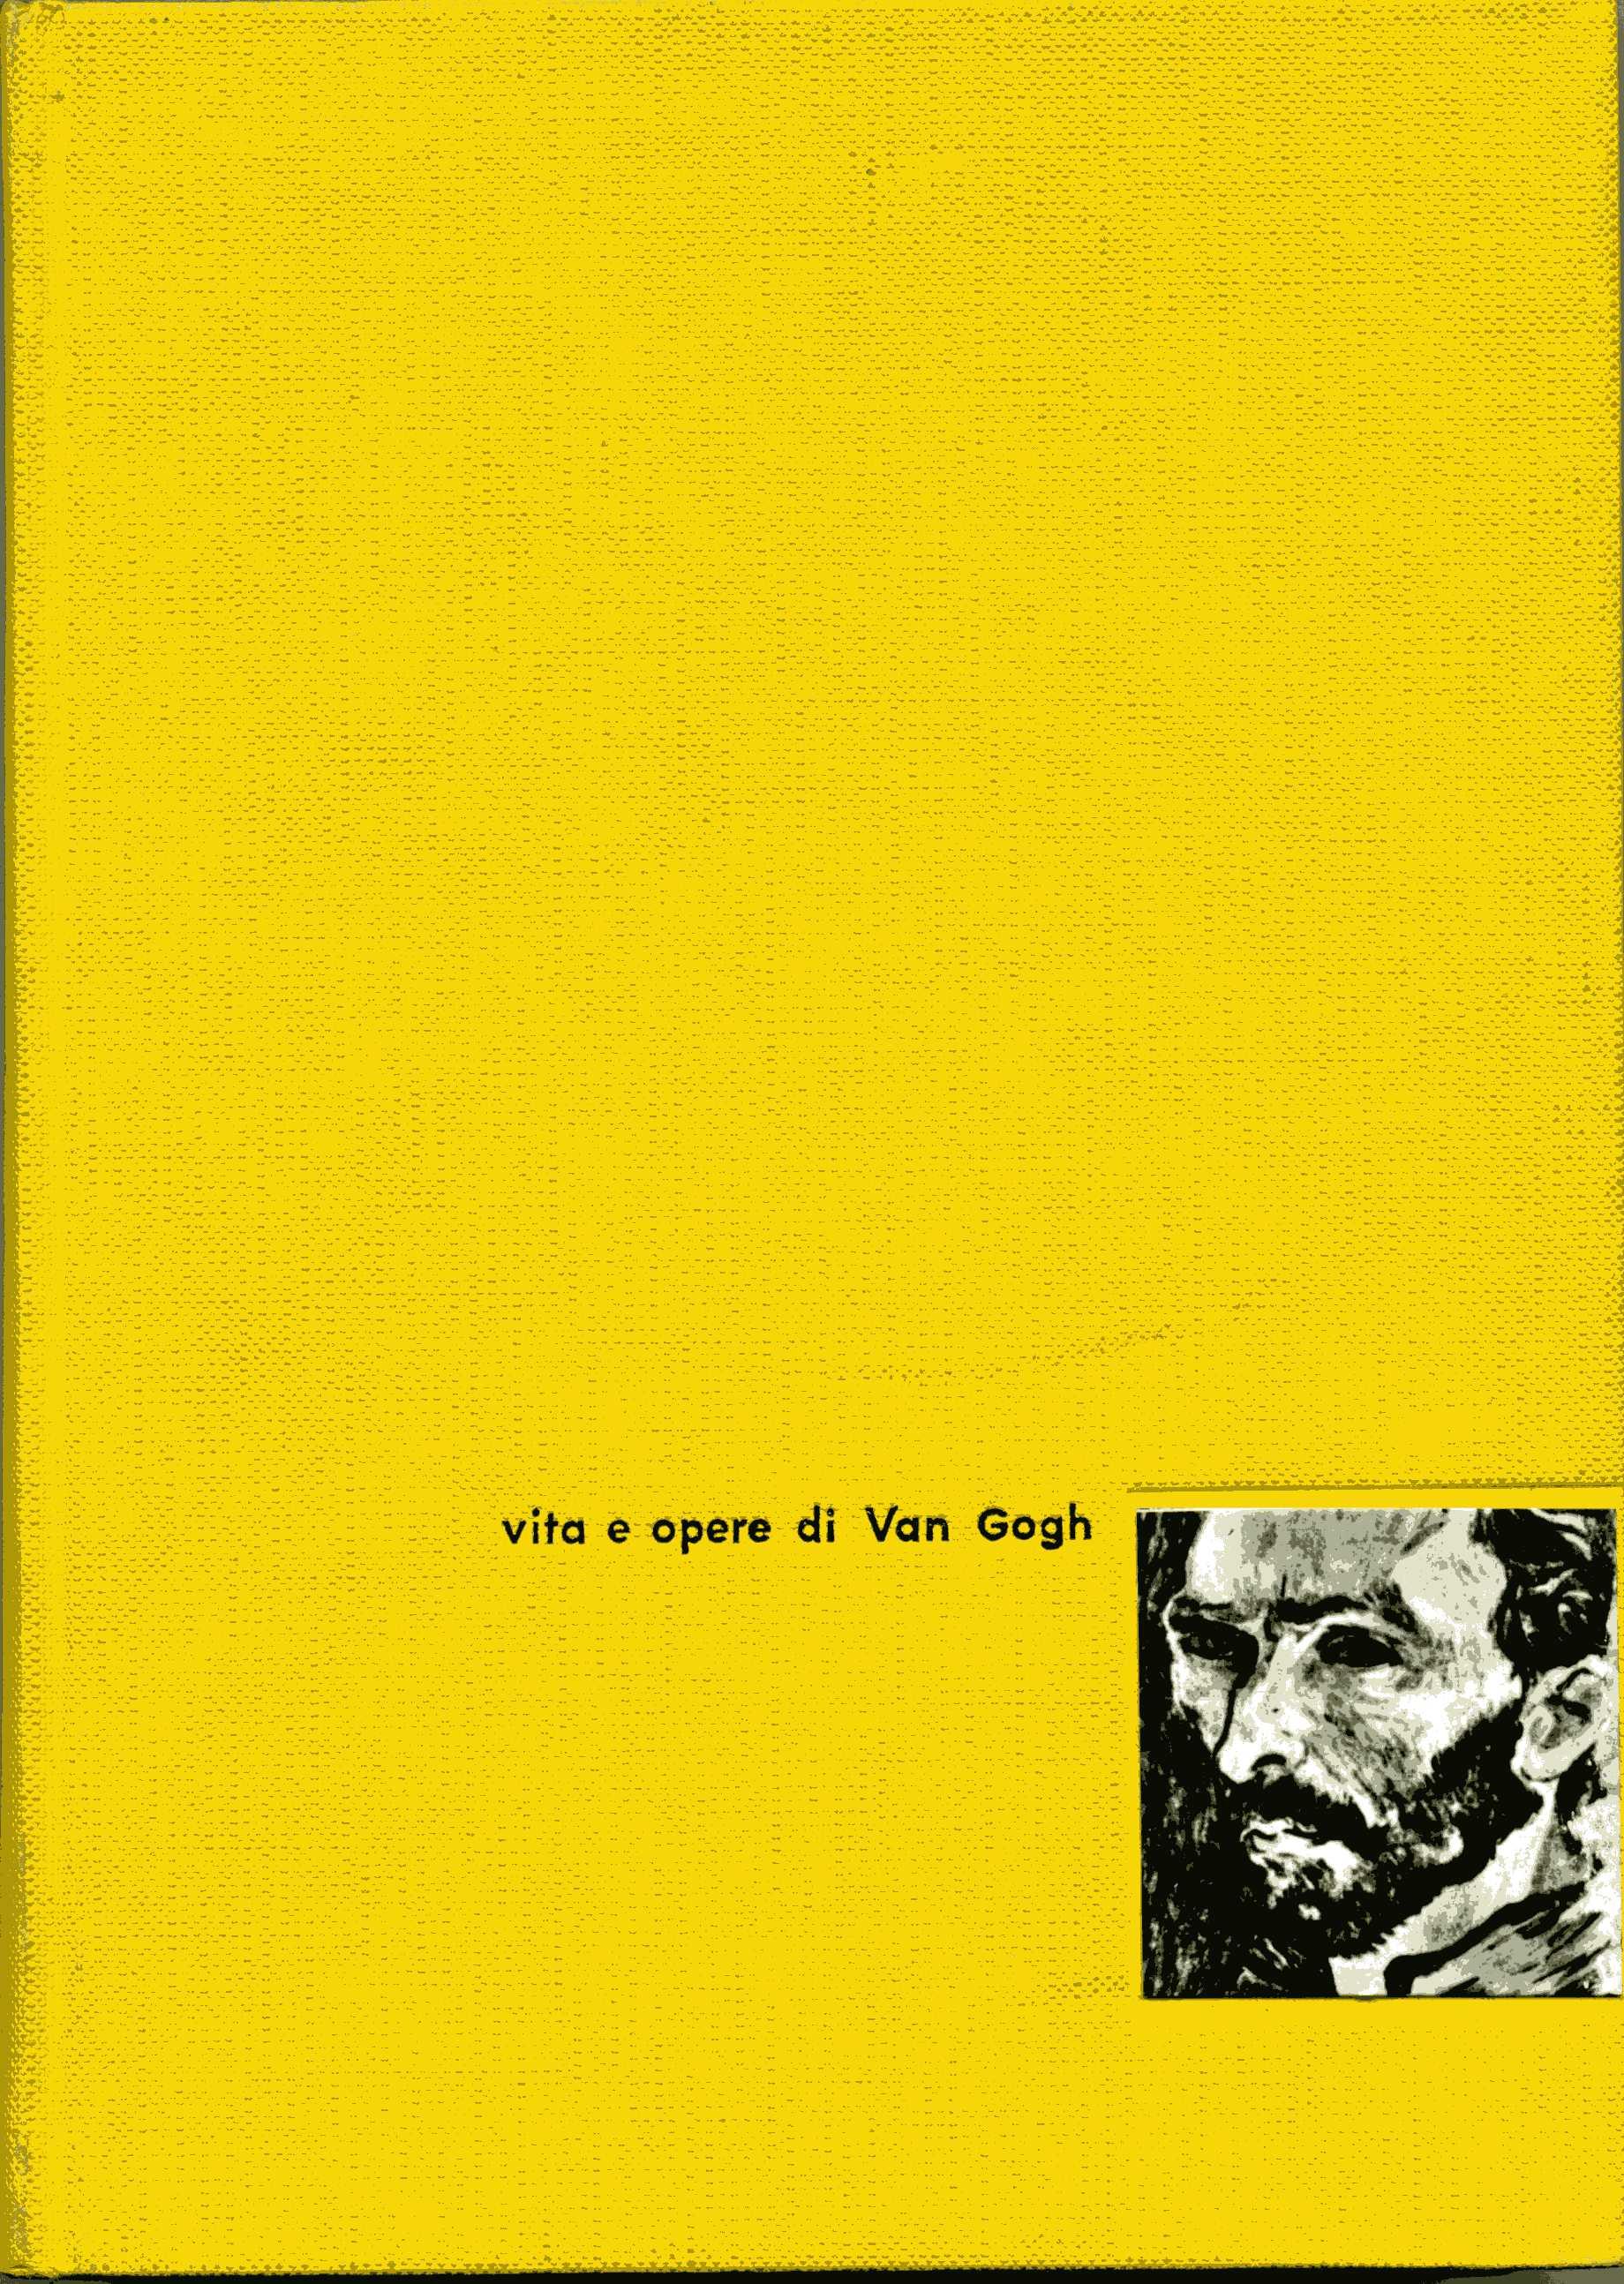 Vita e opere di Van Gogh